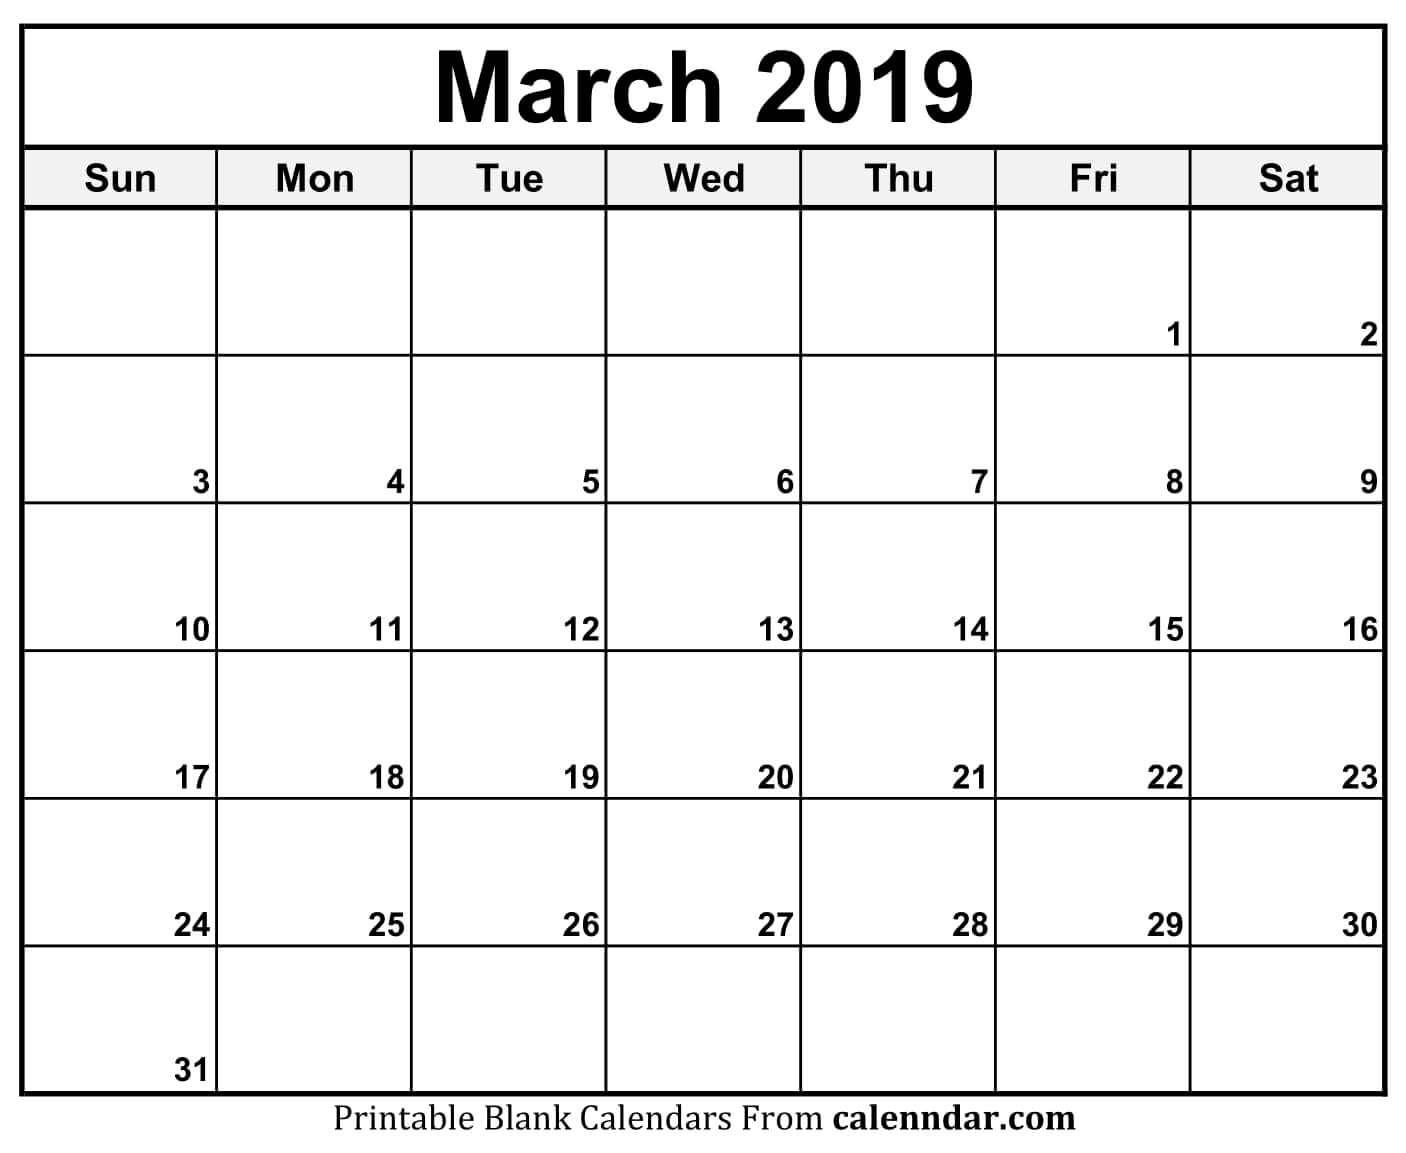 March Calendar 2019 11X17 | June 2019 Calendar, June